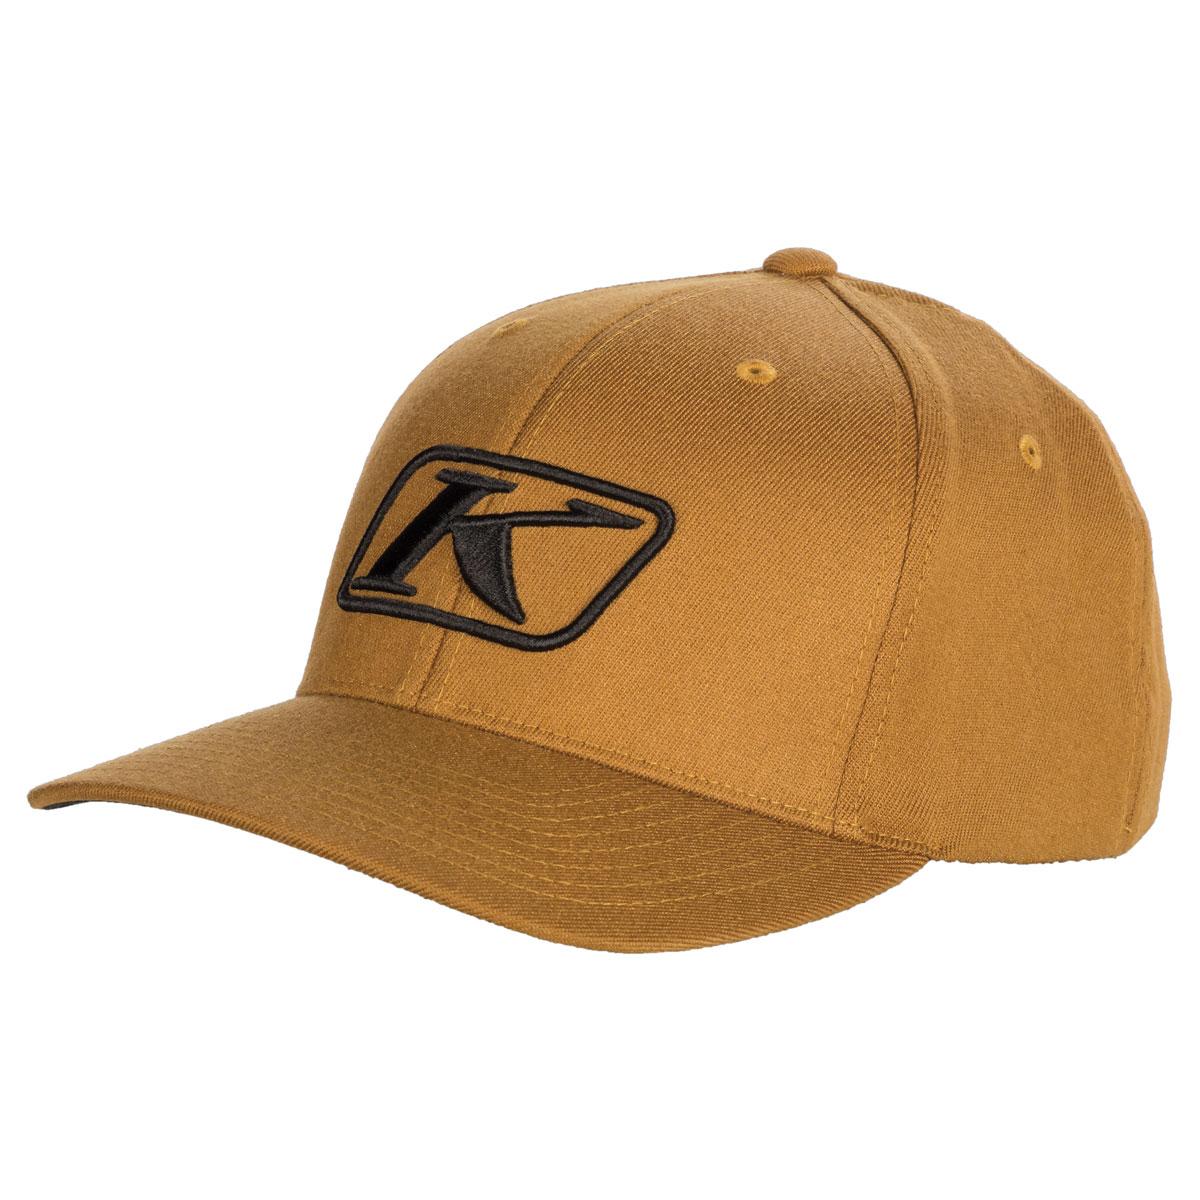 Klim Rider Brown Hat